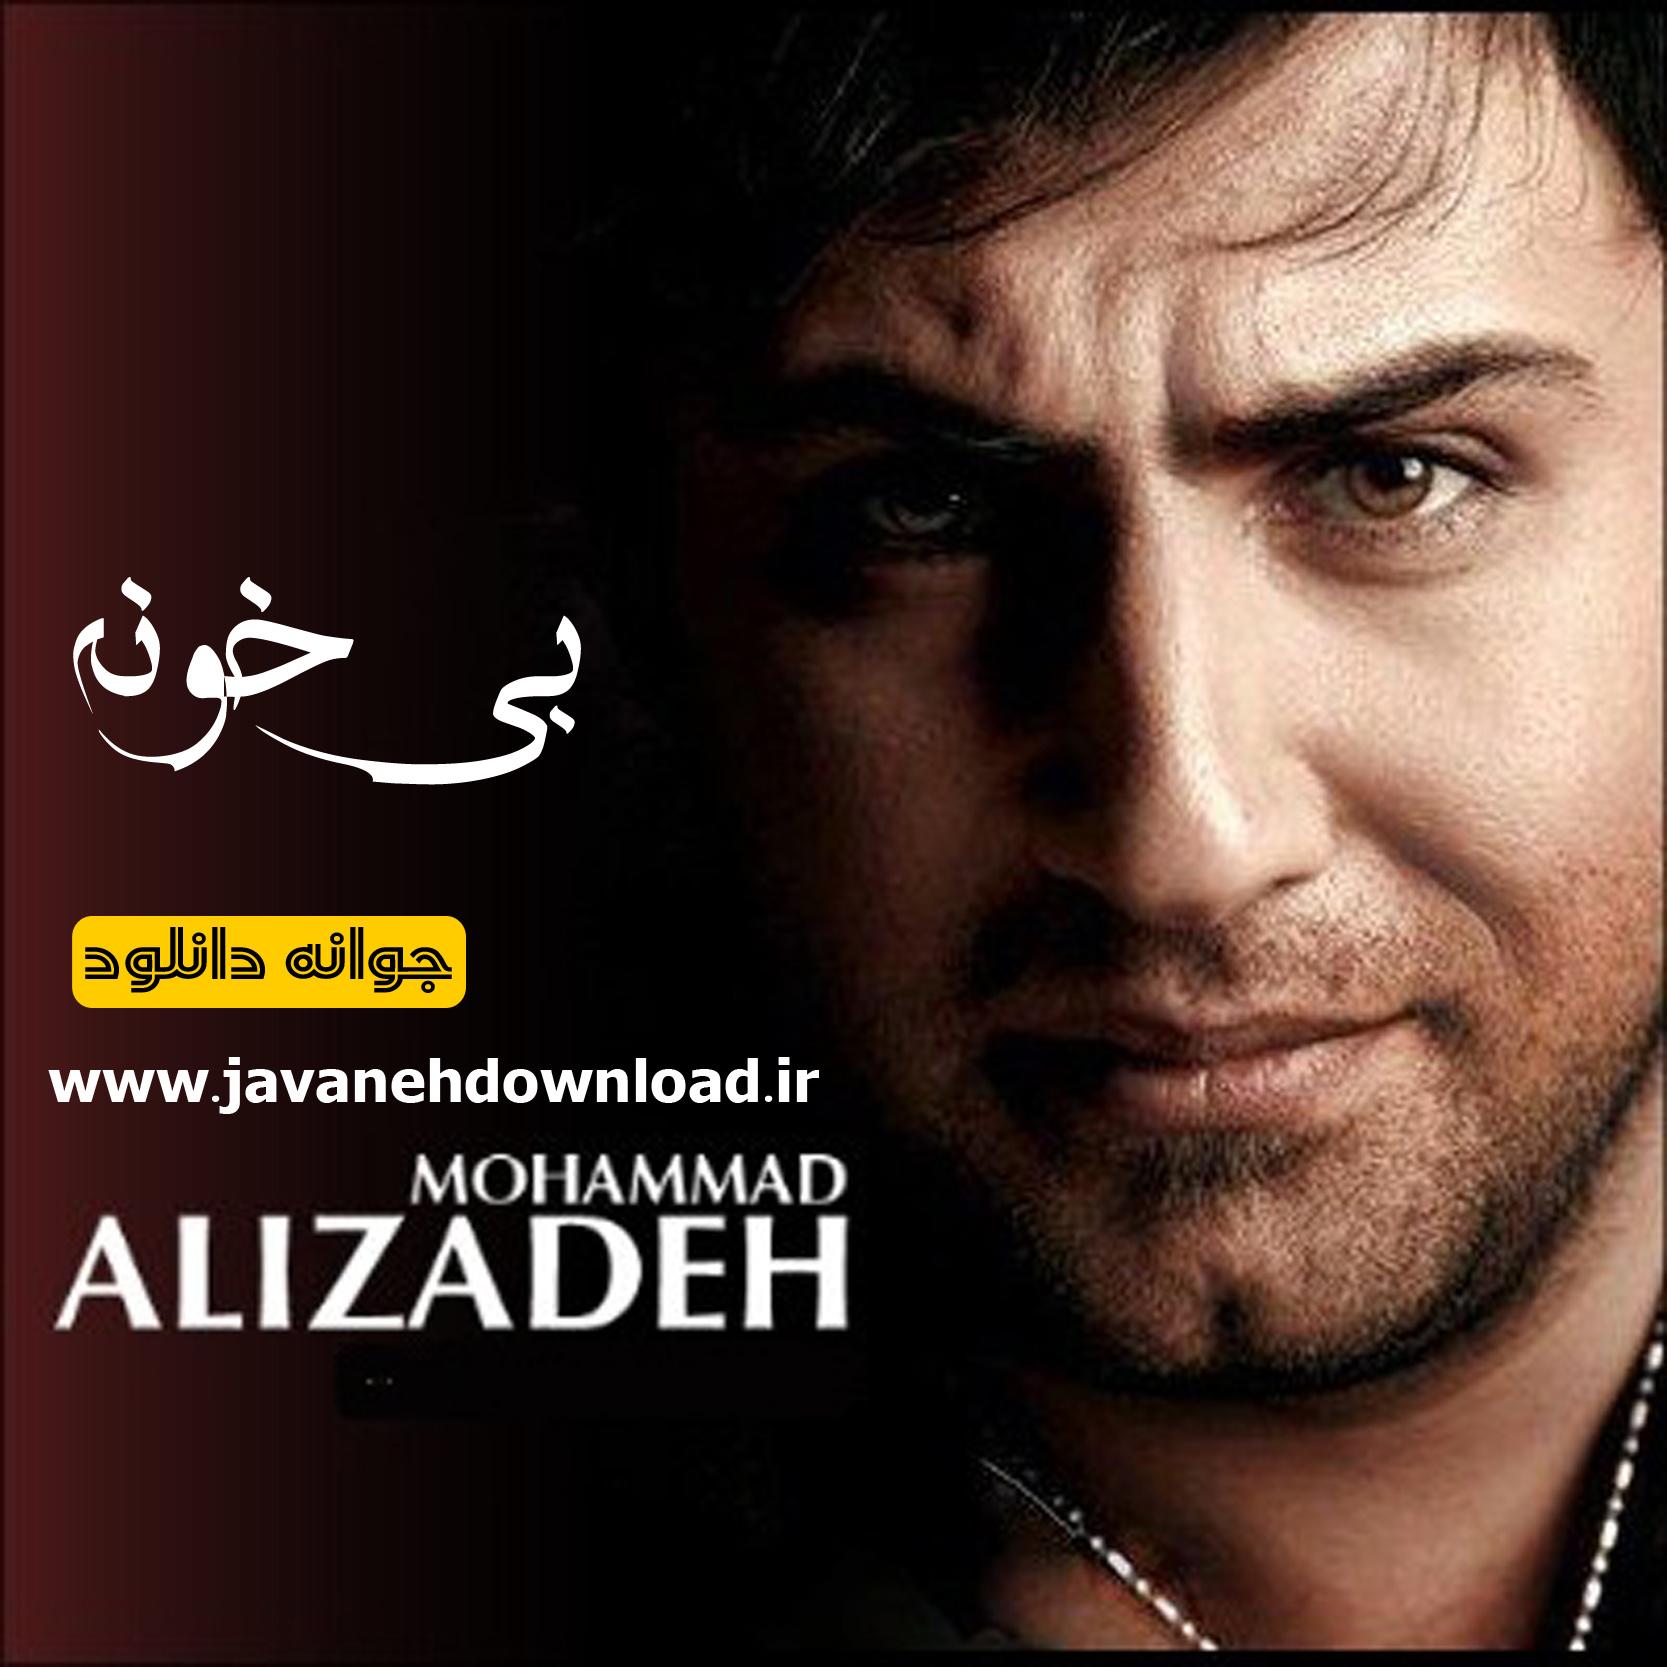 دانلود آلبوم محمد علیزاده با نام بی خونه